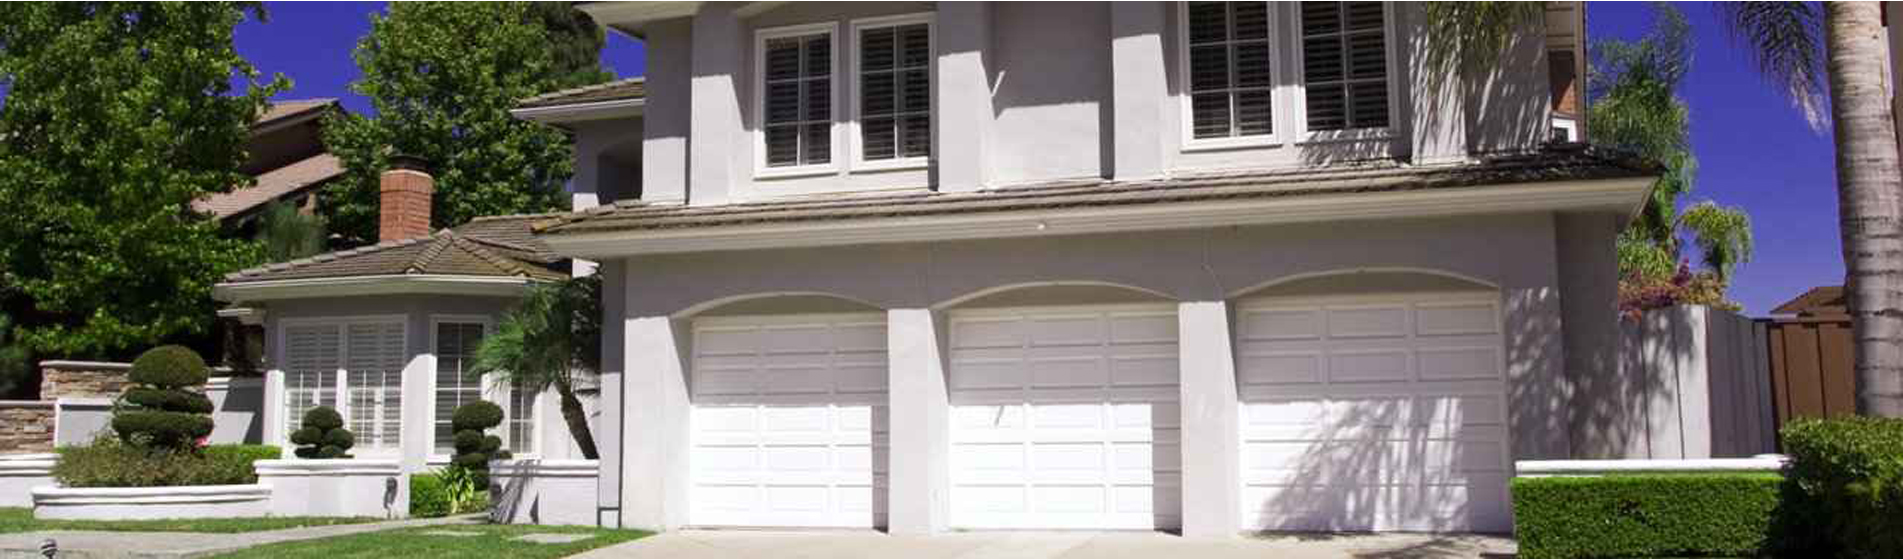 rénovation porte de garage sur-mesure 84 Vaucluse